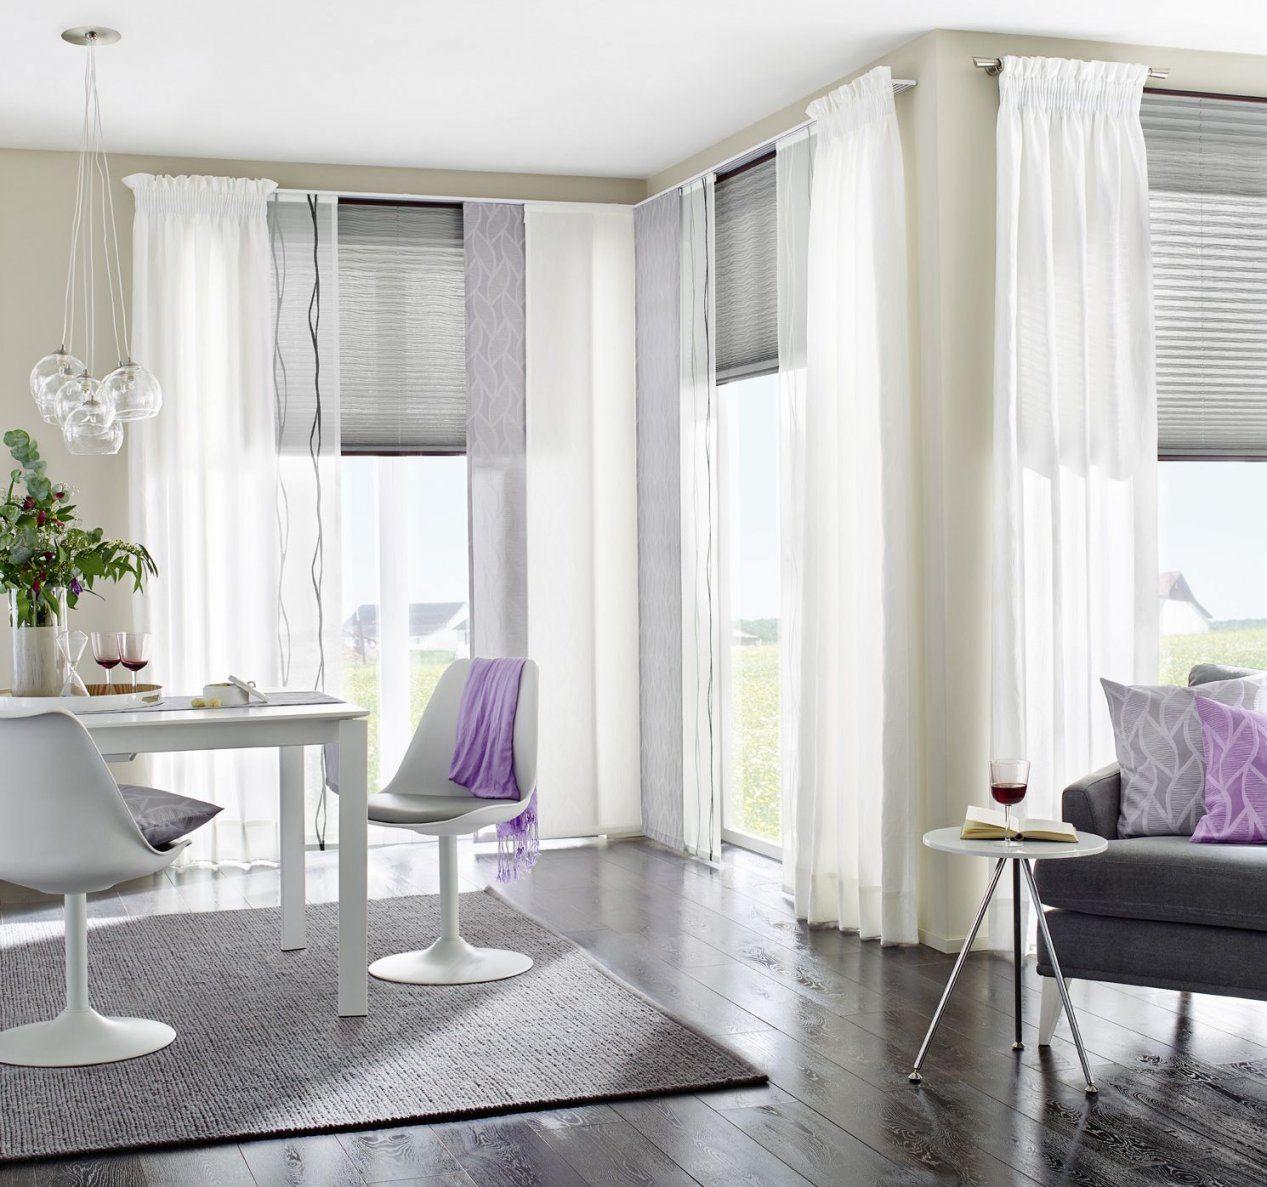 Fenster Naval Gardinen Dekostoffe Vorhang Wohnstoffeplissees von Plissee Und Gardinen Kombinieren Photo